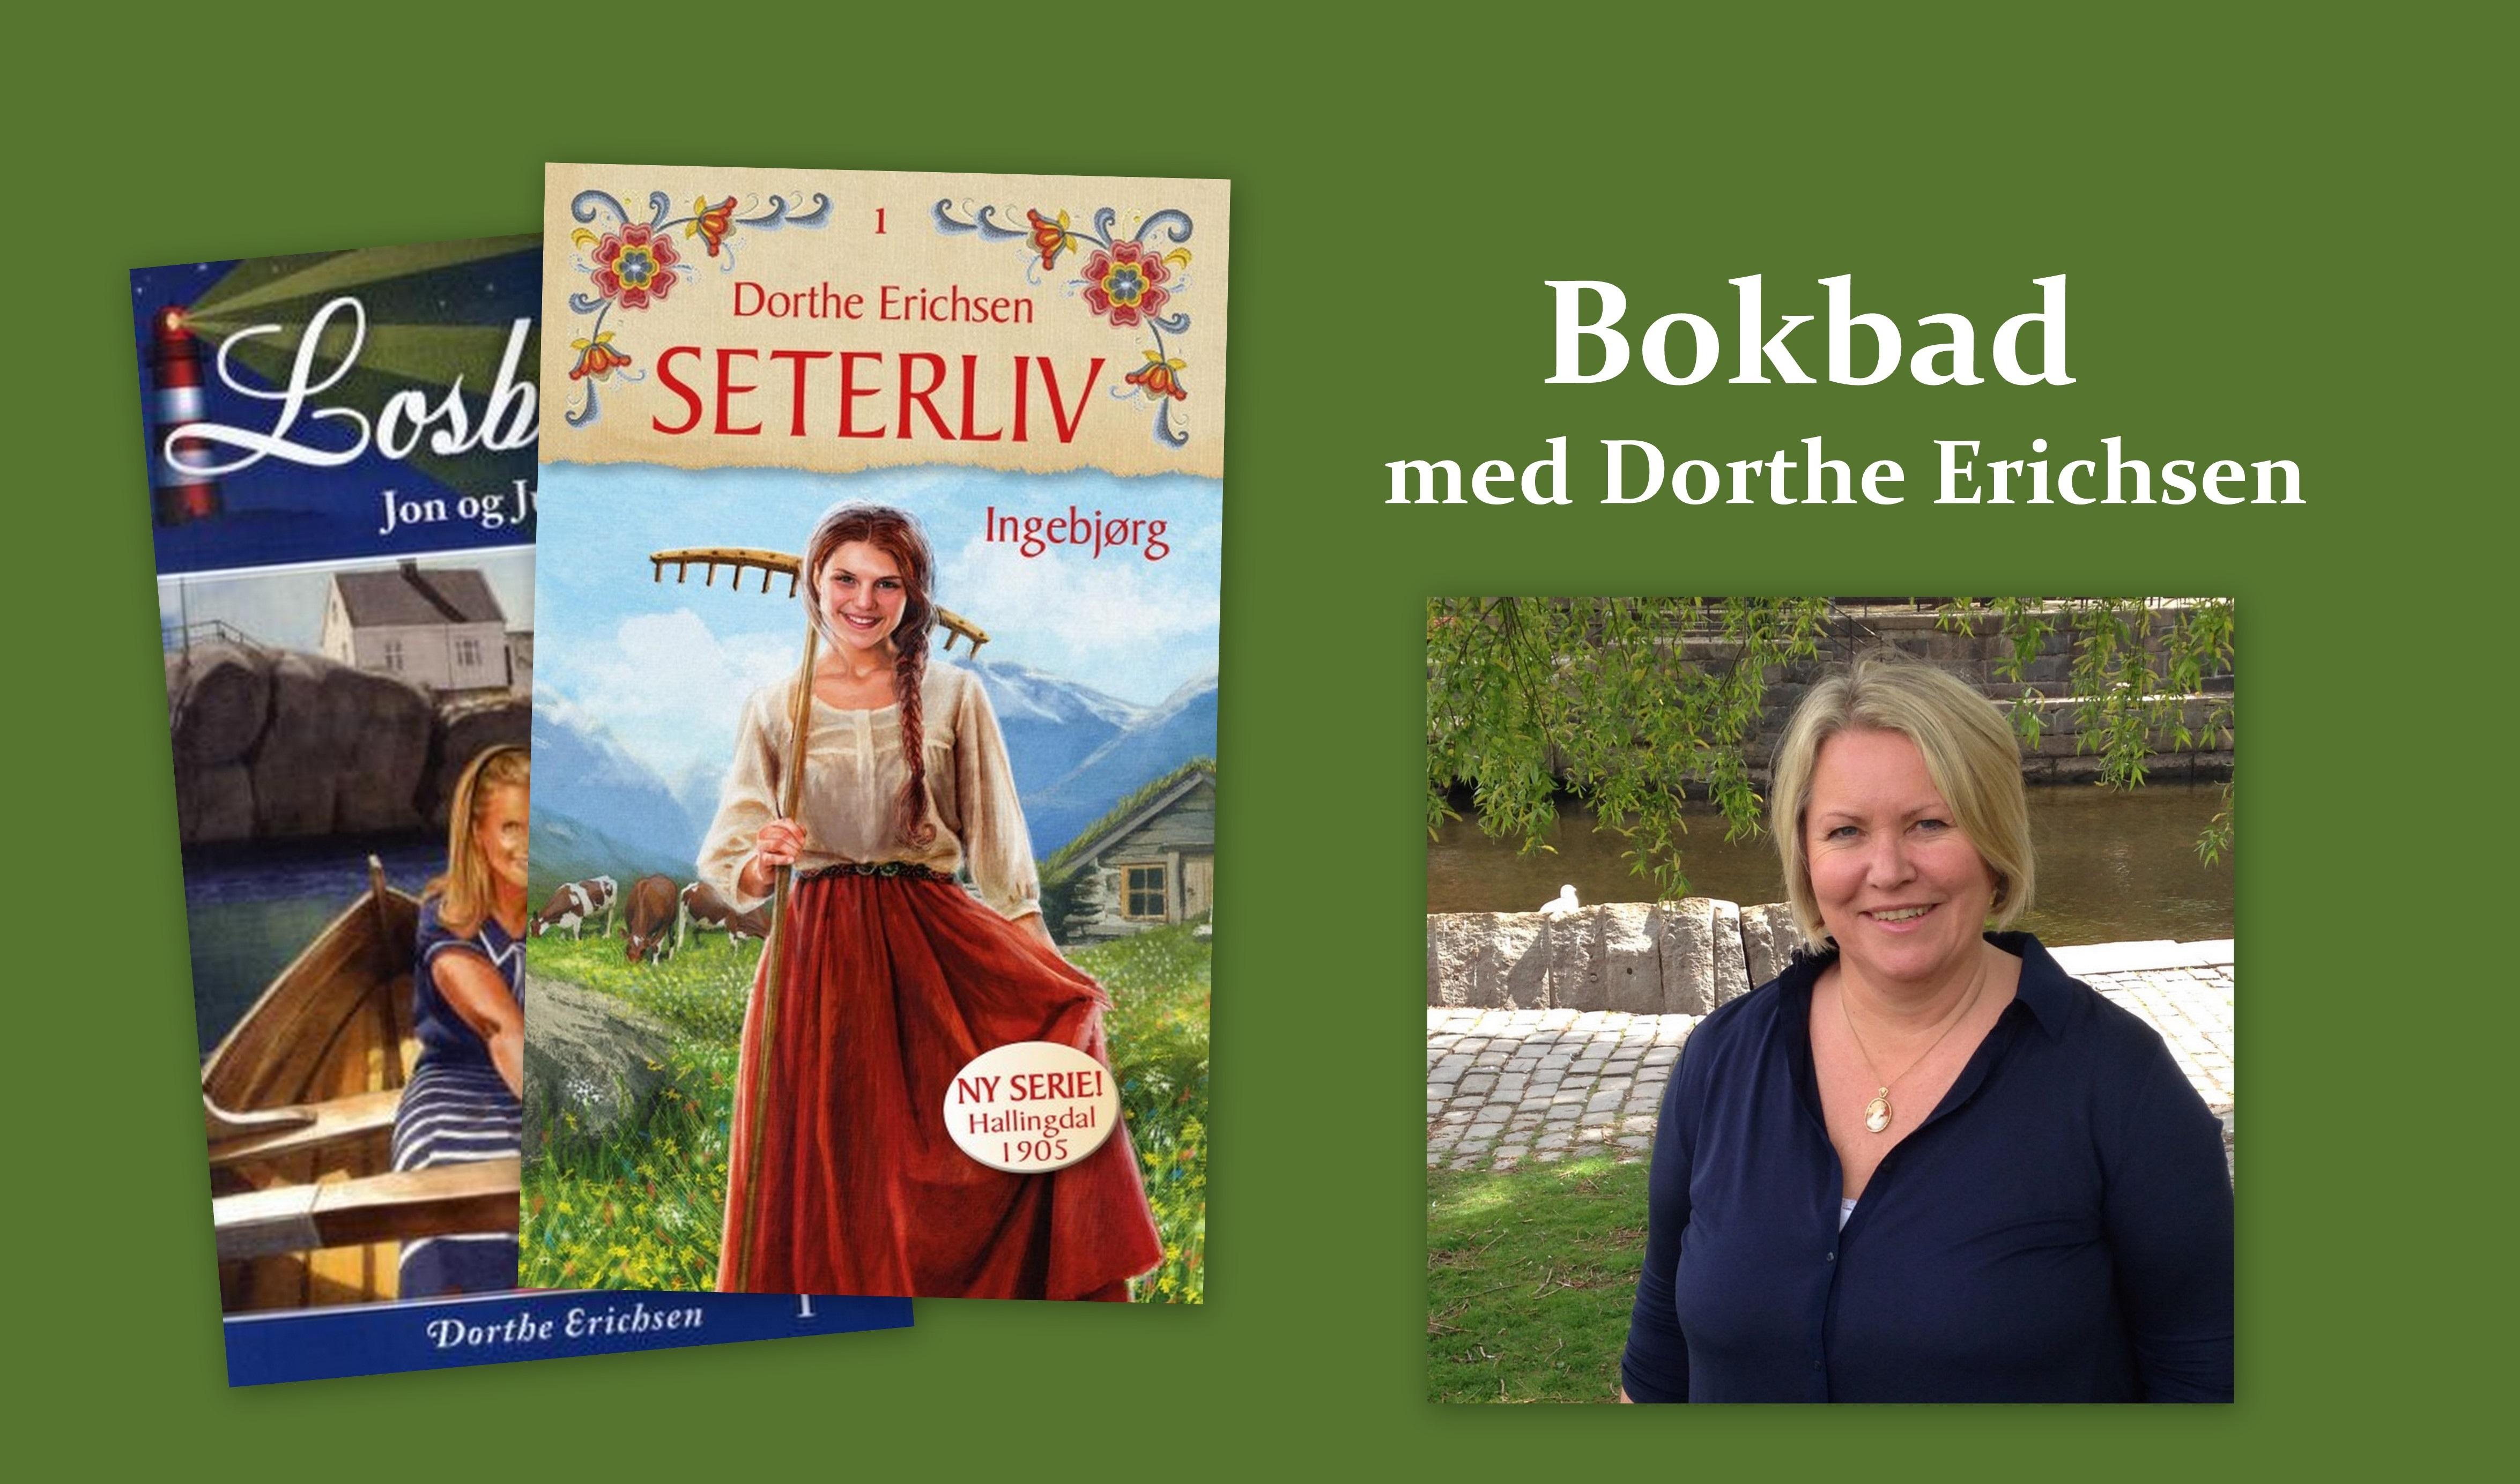 Bokbad med Dorthe Erichsen